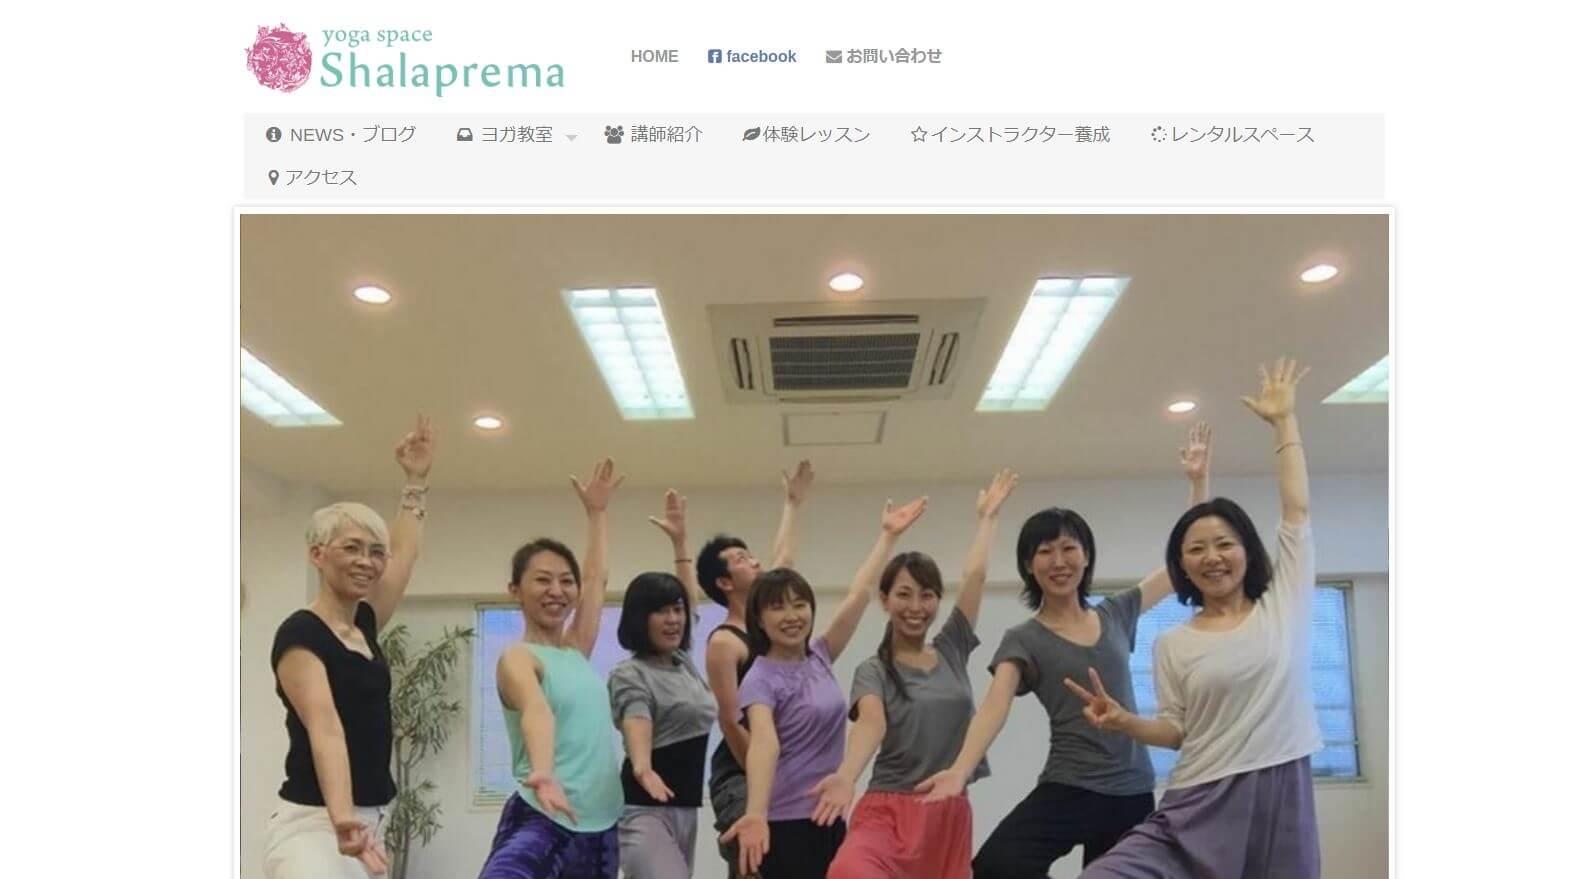 yoga space Shalaprema(シャラプレマ)